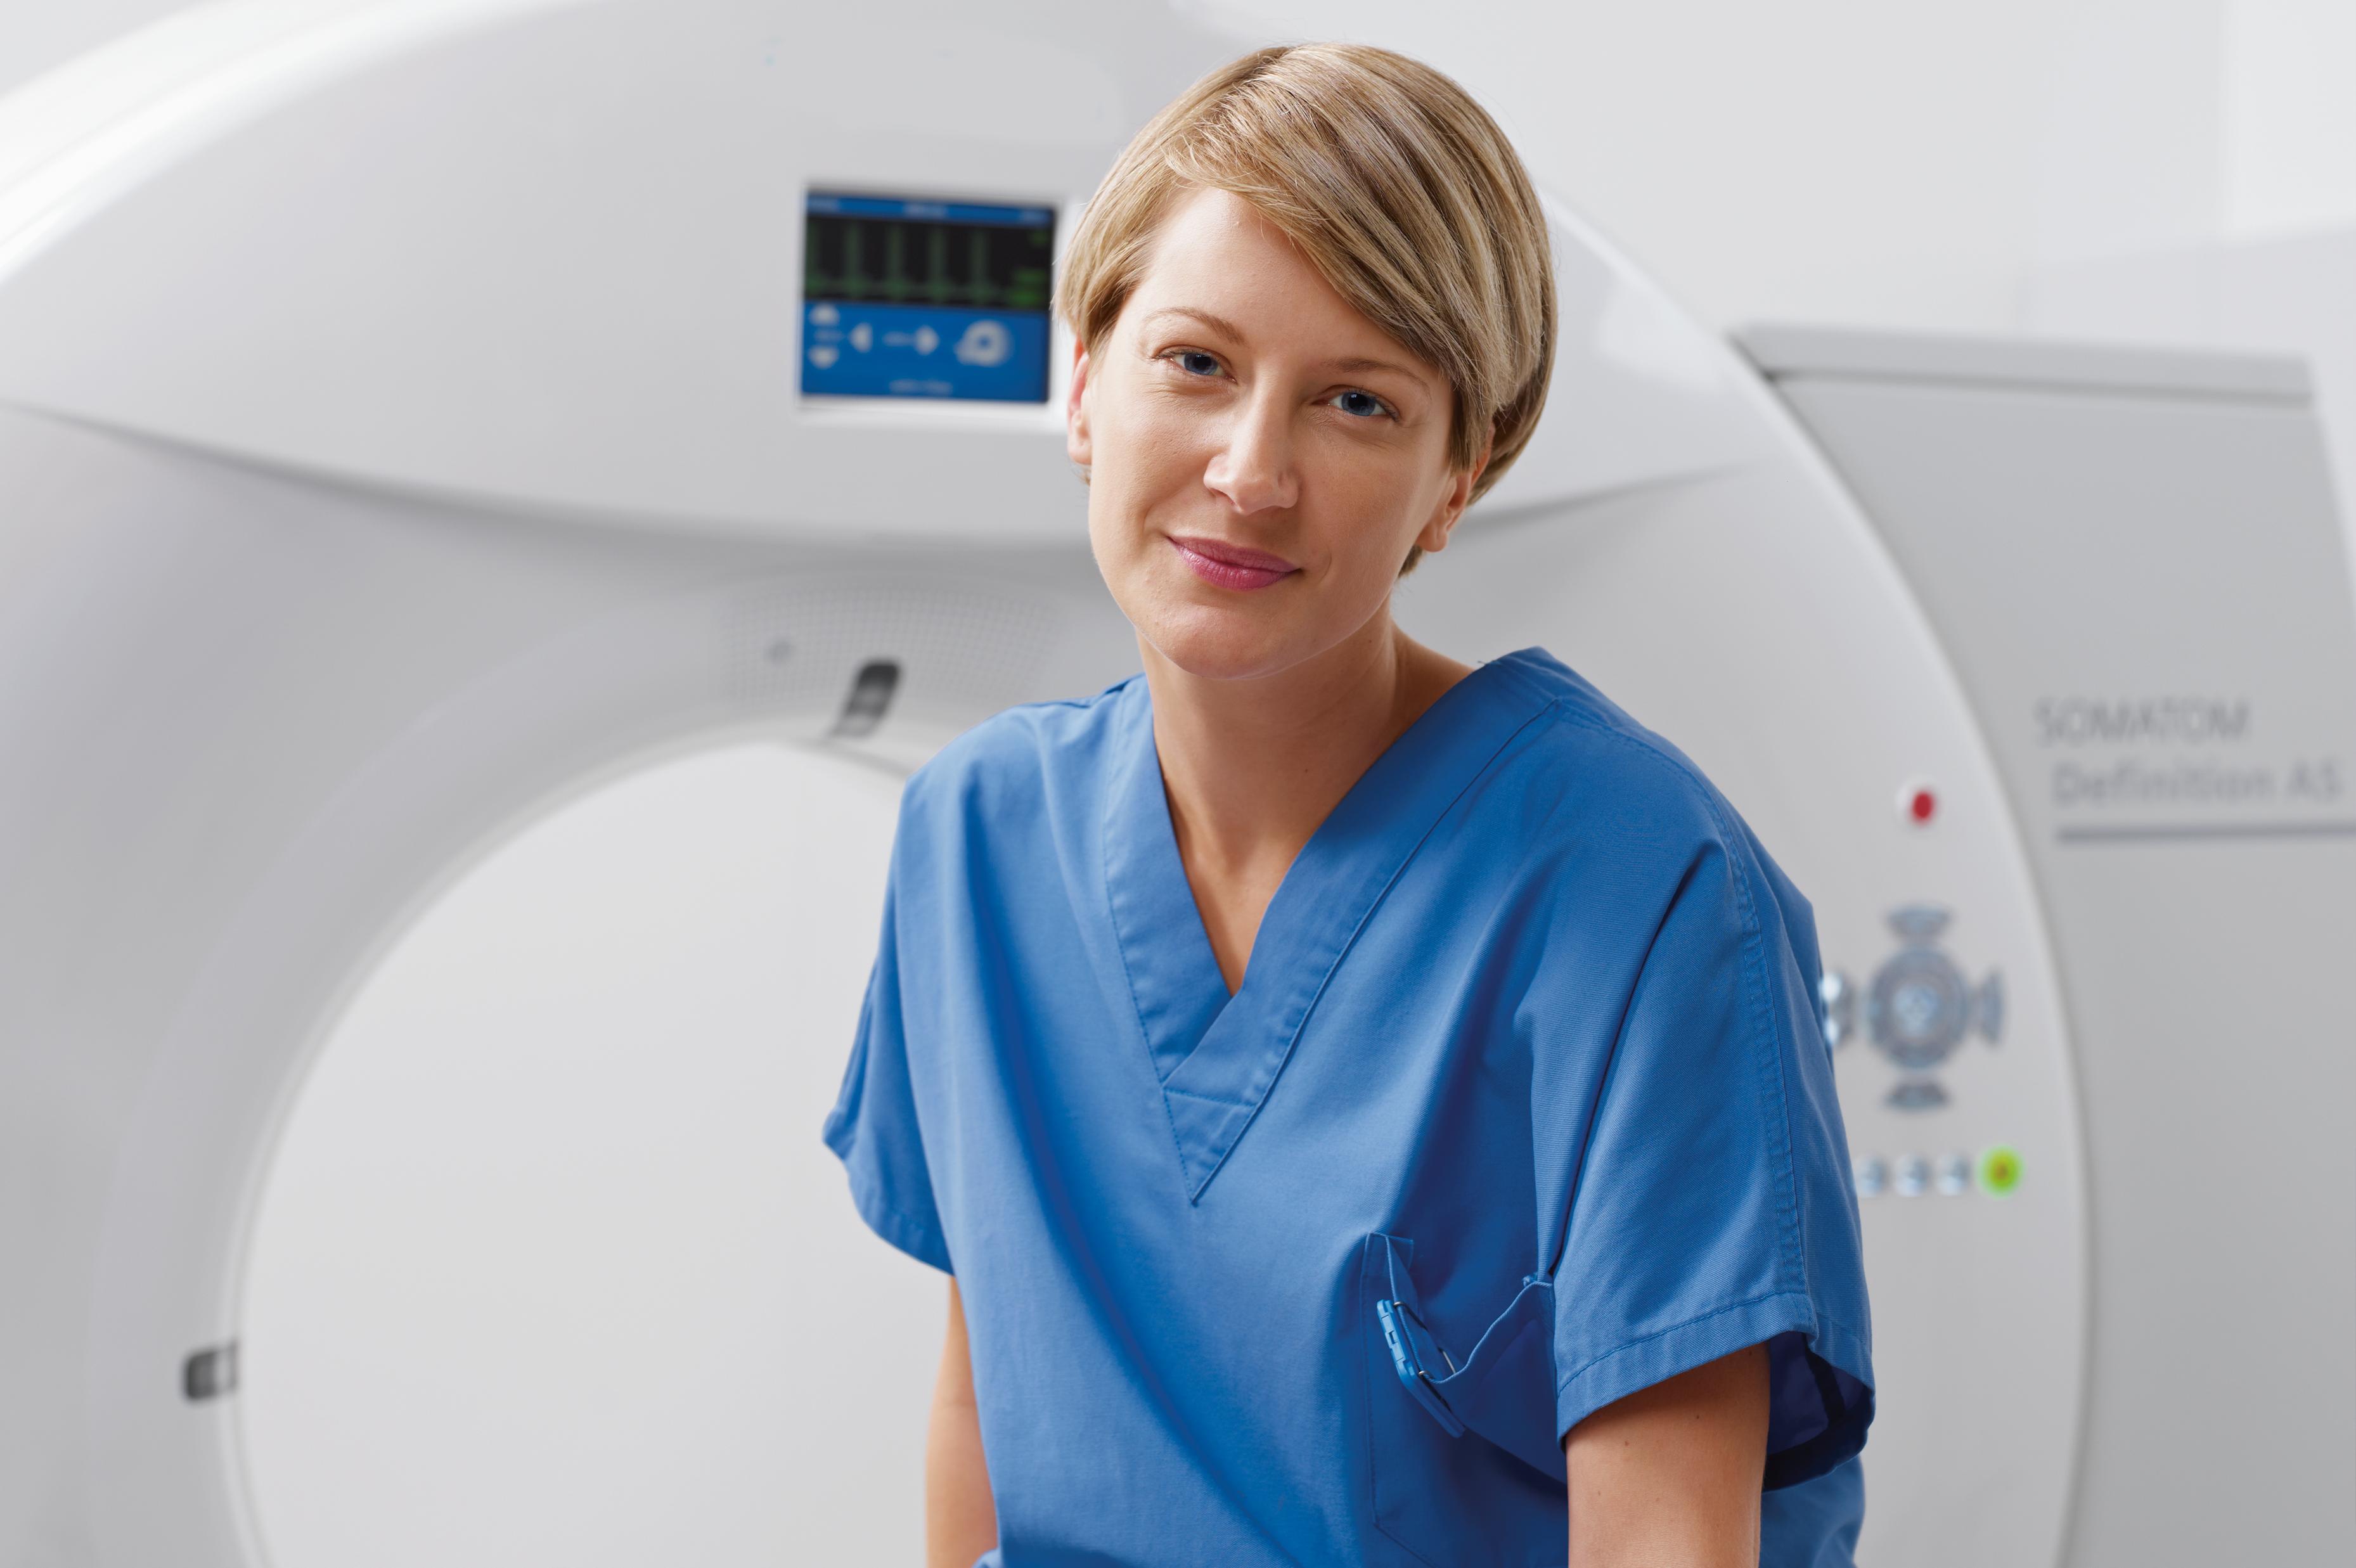 Aparat do tomografii komputerowej